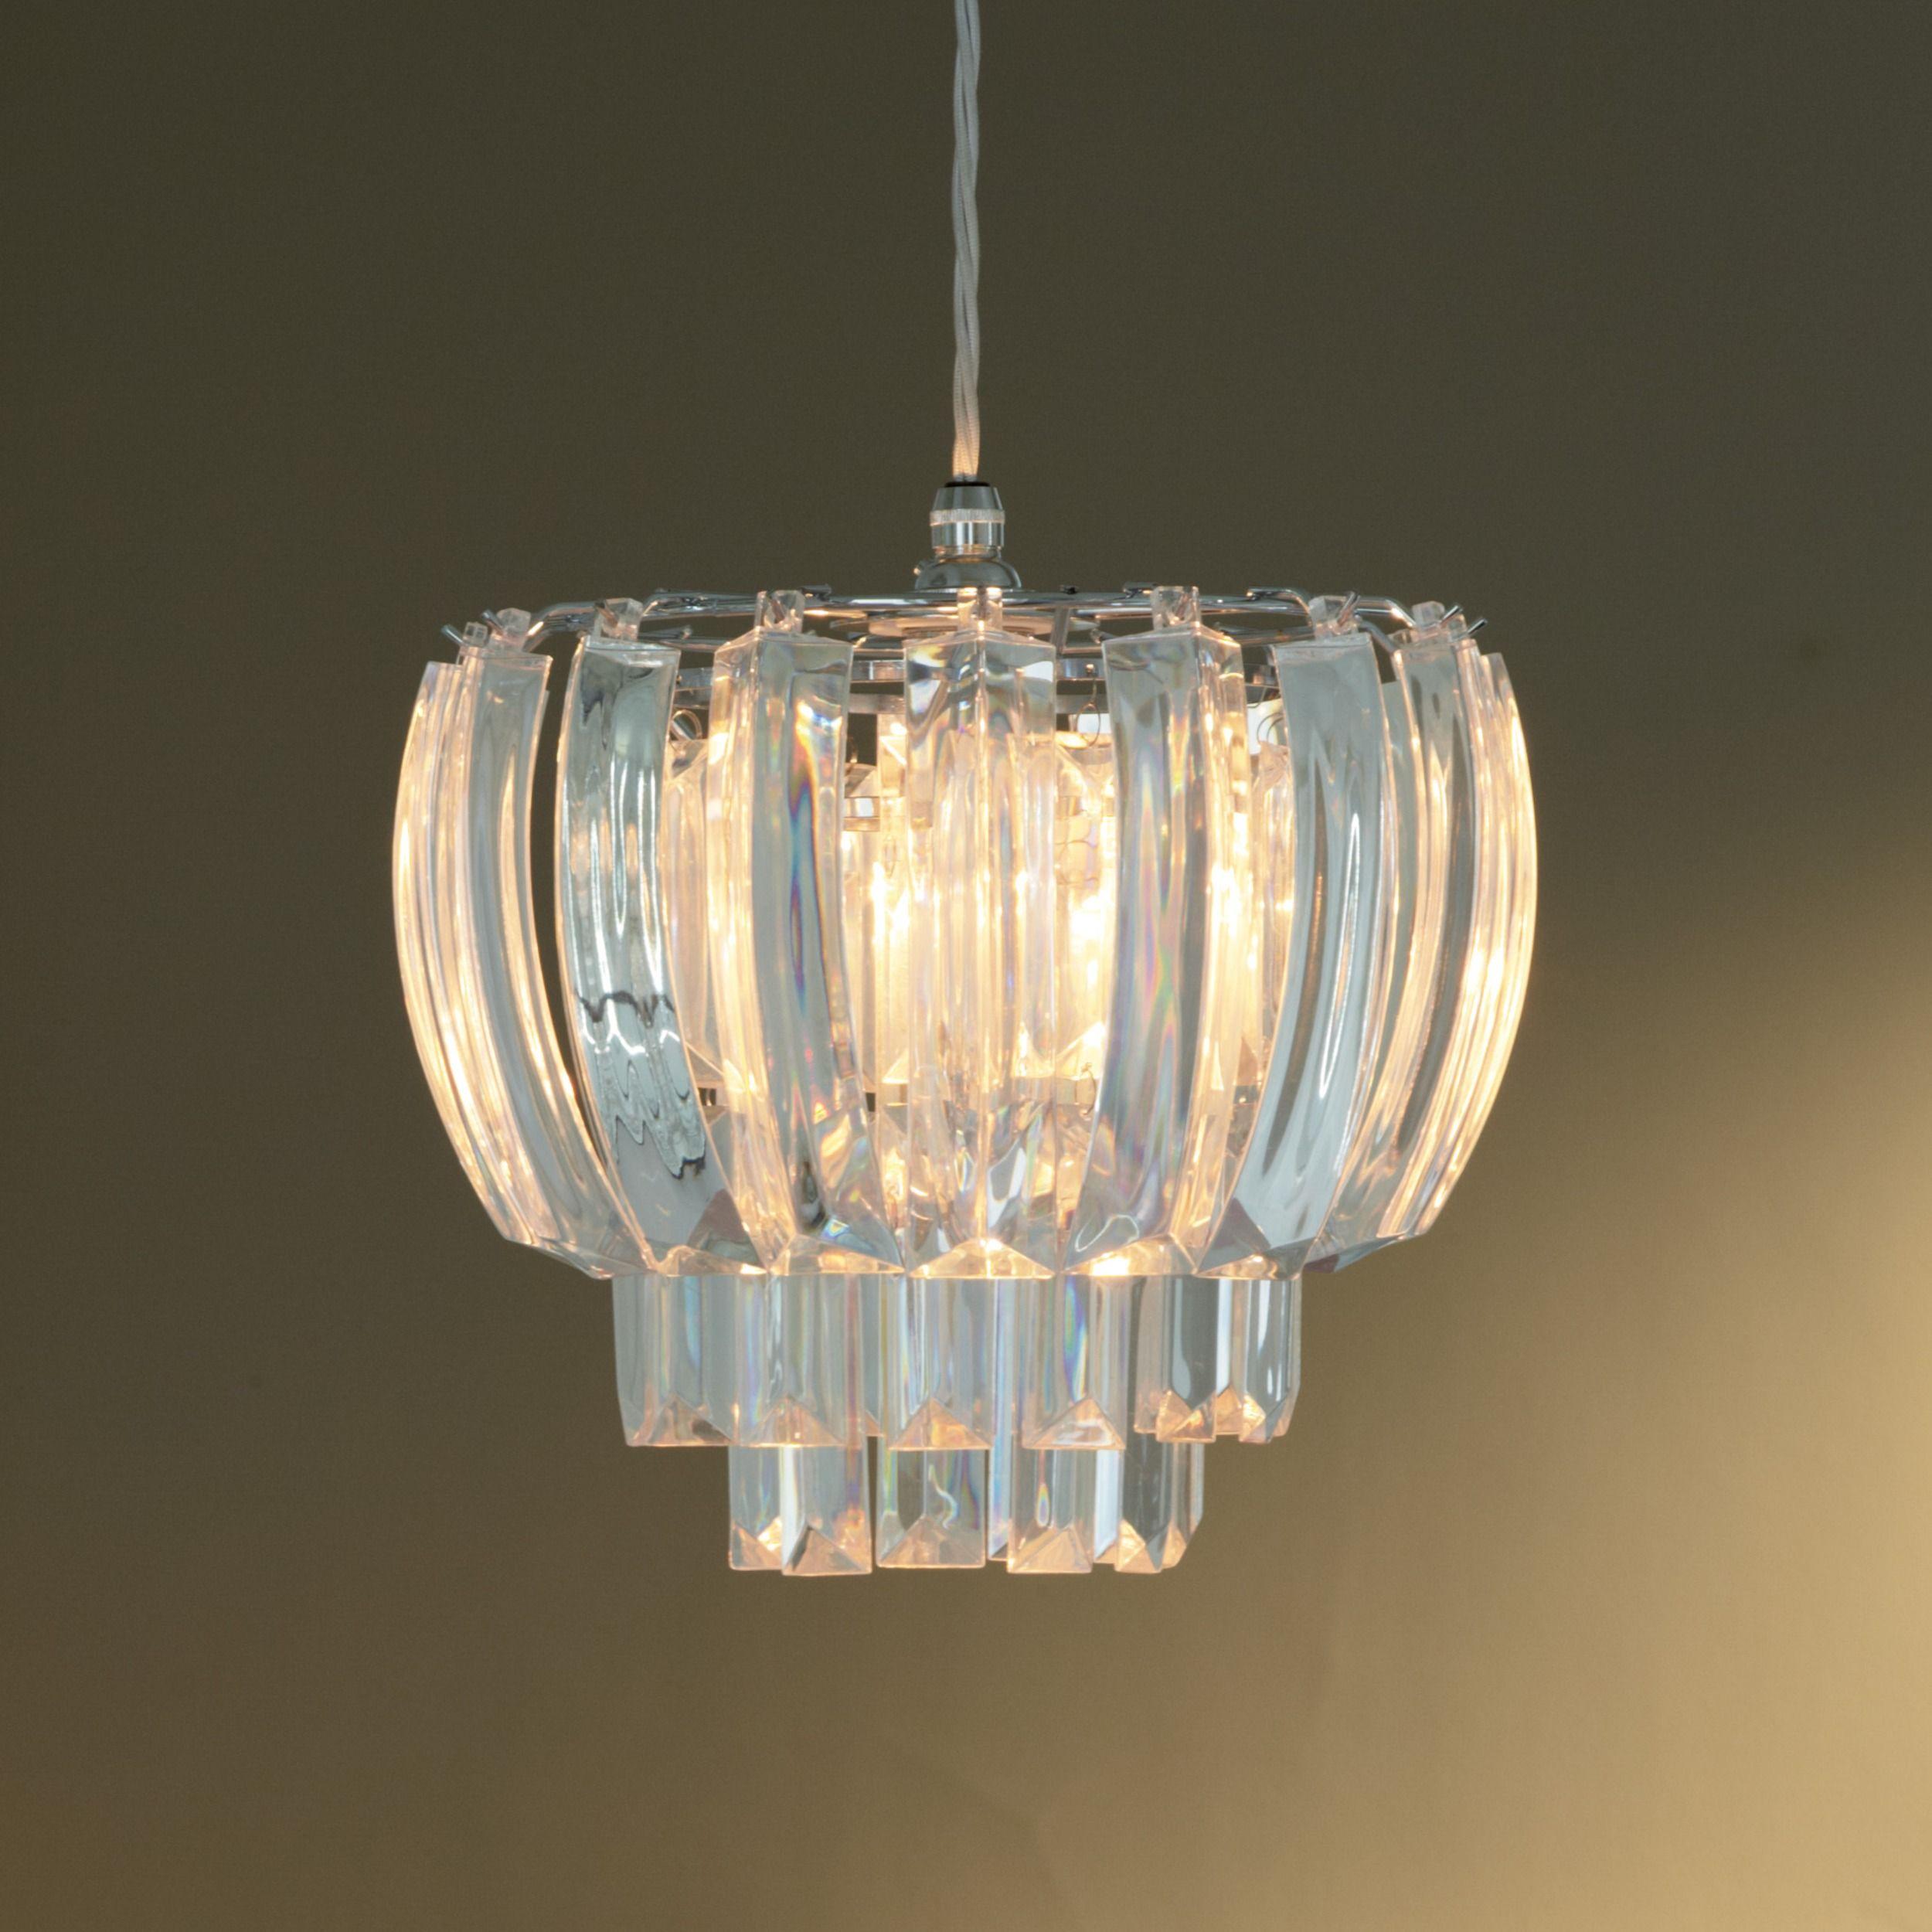 Aria Easy-fit Pendant Light